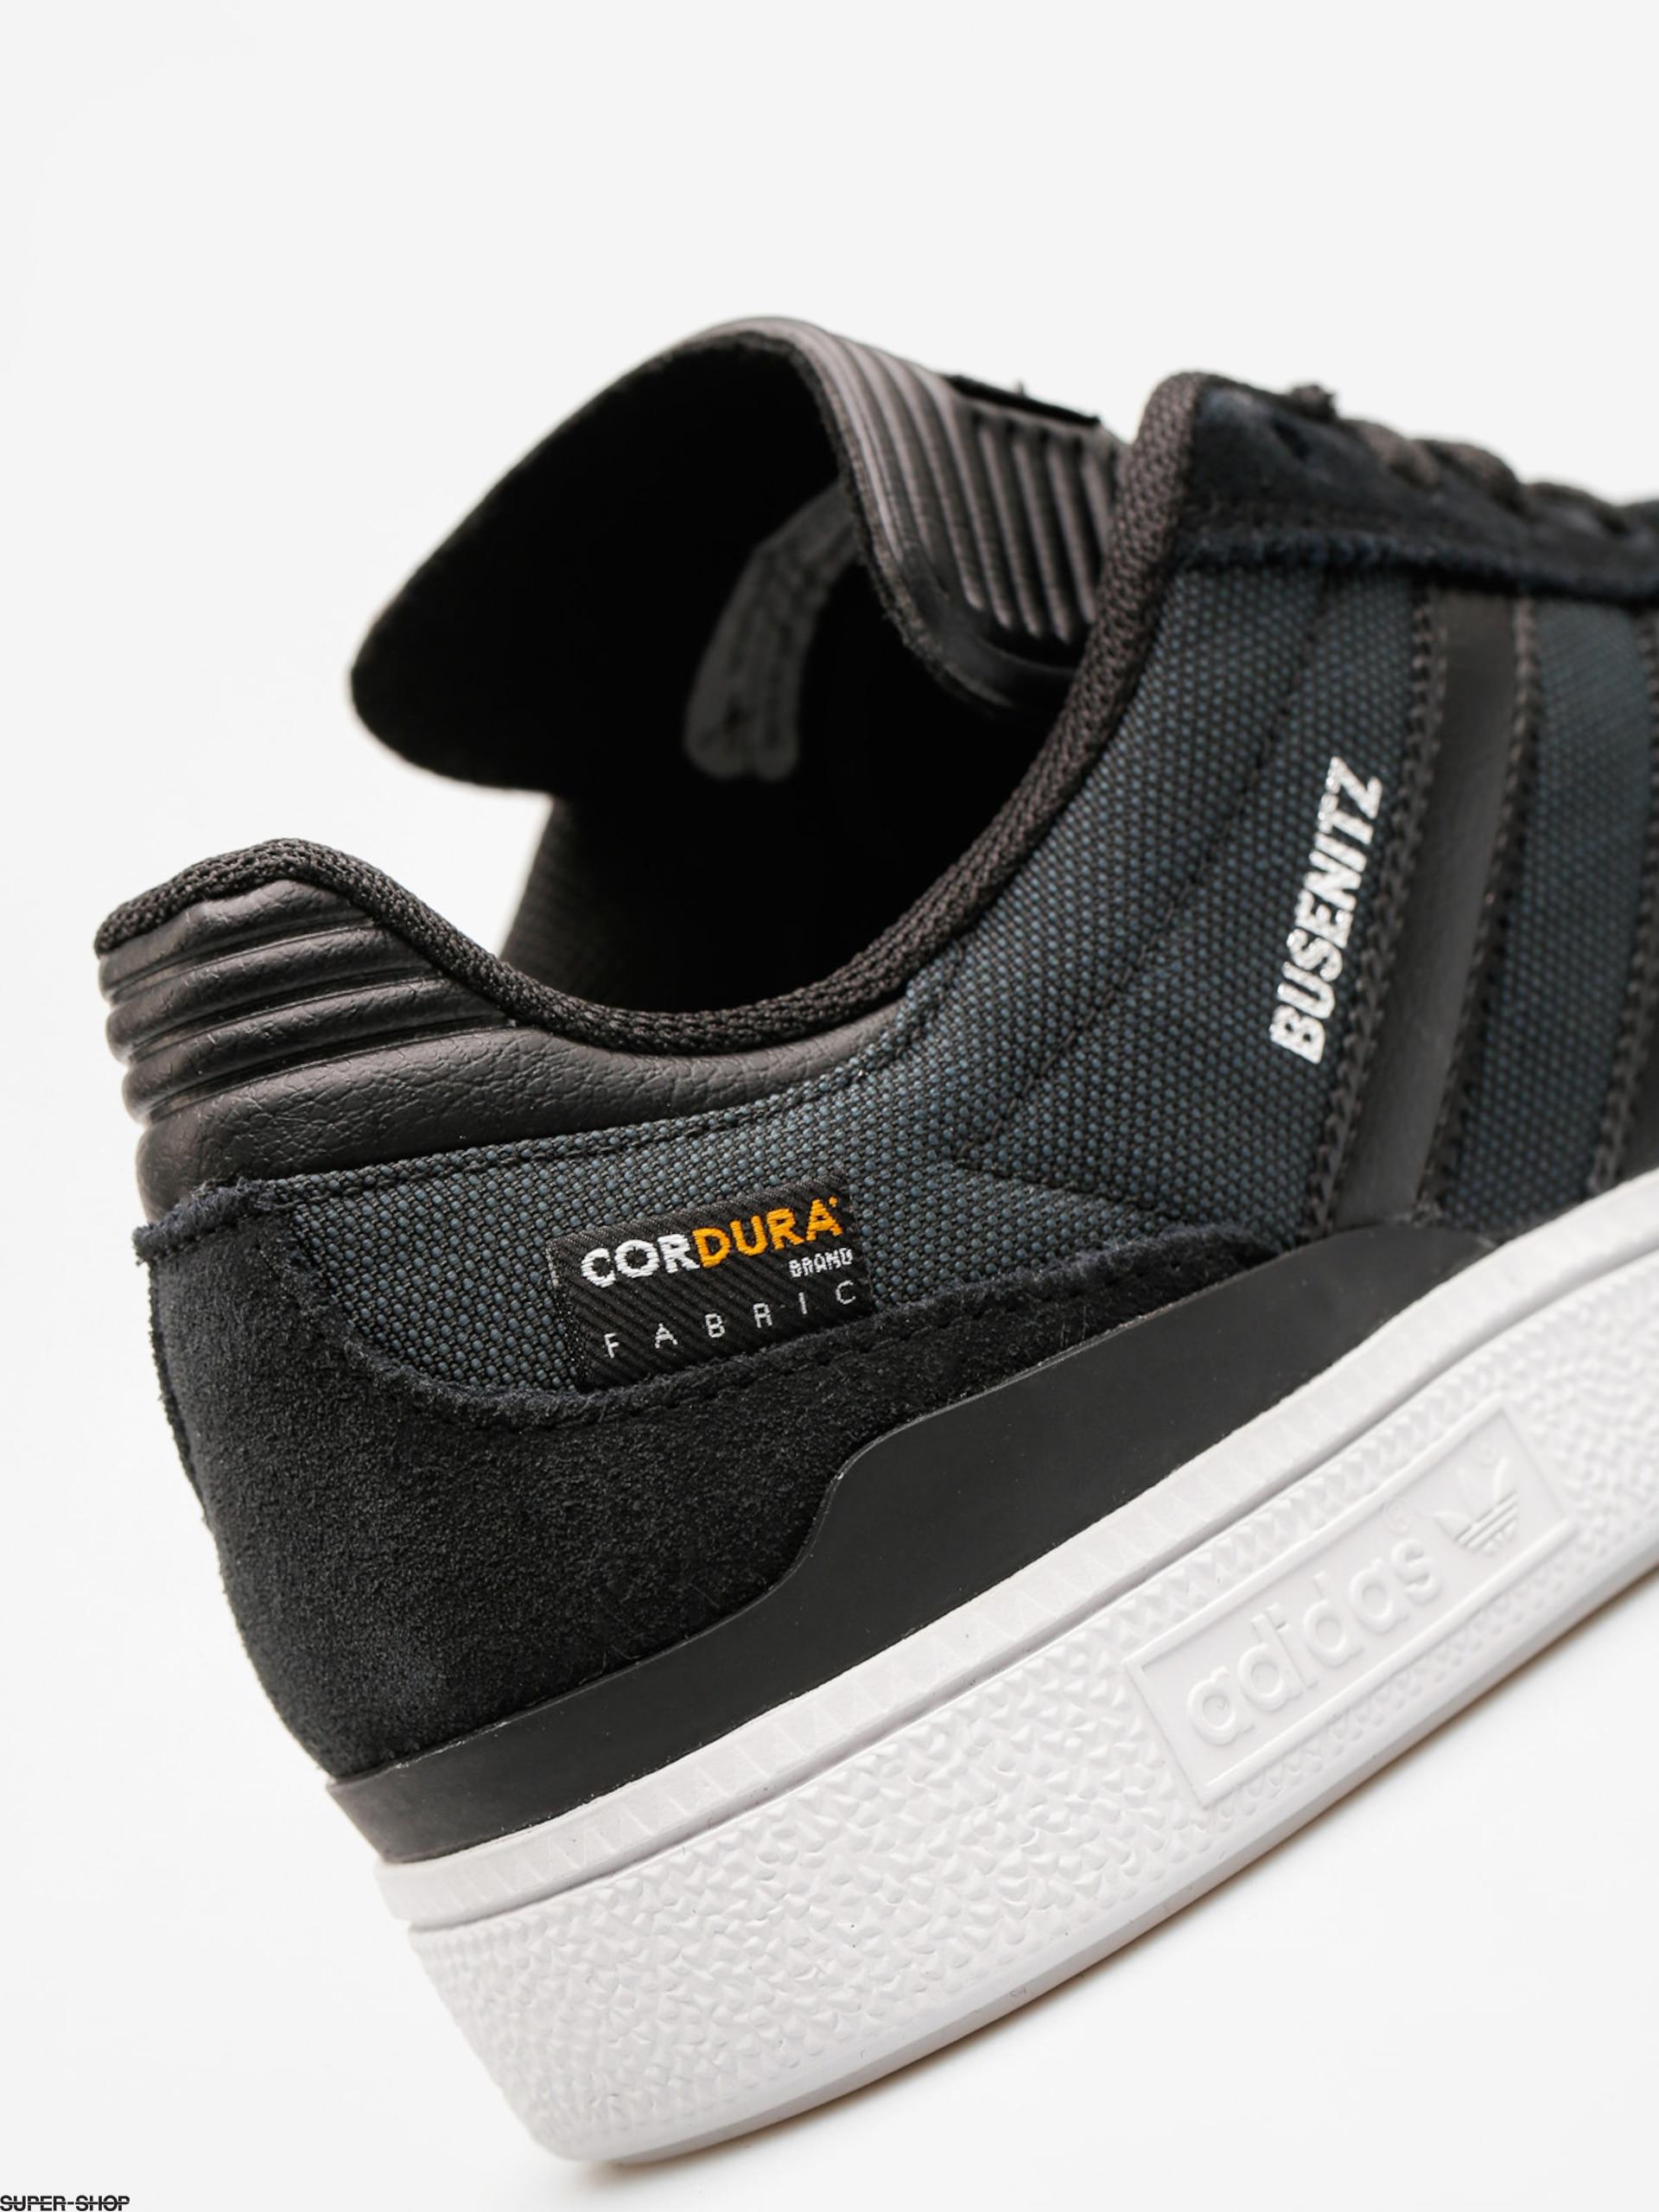 adidas Chaussures Busenitz cNoir cNoir ftwwht